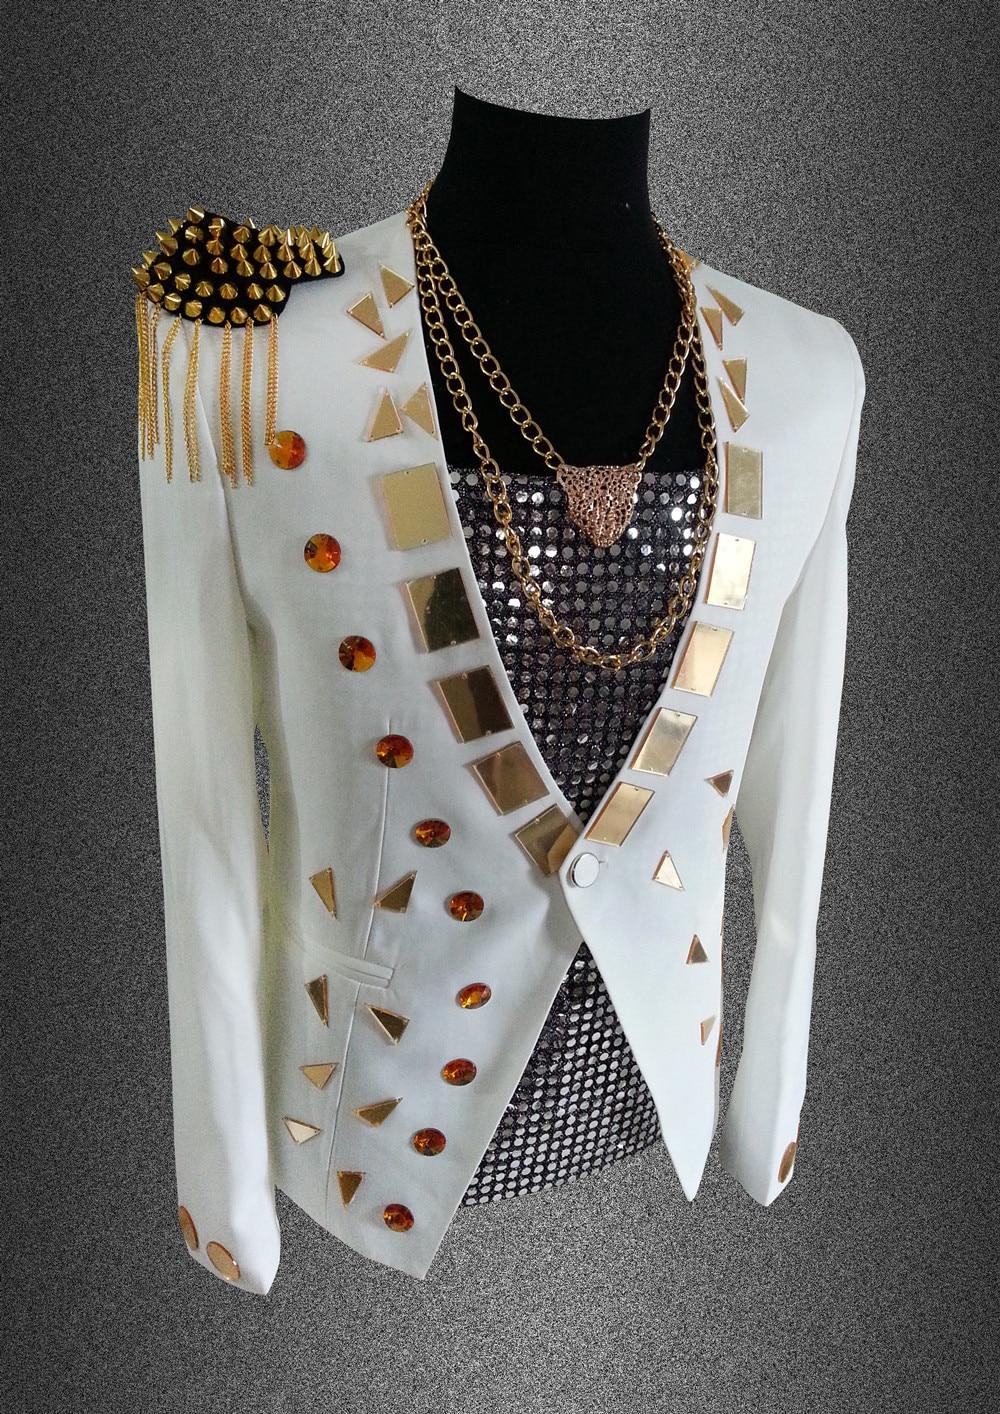 2017, Мужской Блейзер, пиджак, верхняя одежда, мужская одежда, белый, черный цвет, для певицы, танцовщицы, для выступлений, для жениха, вечерние, для шоу, на Рождество - 5